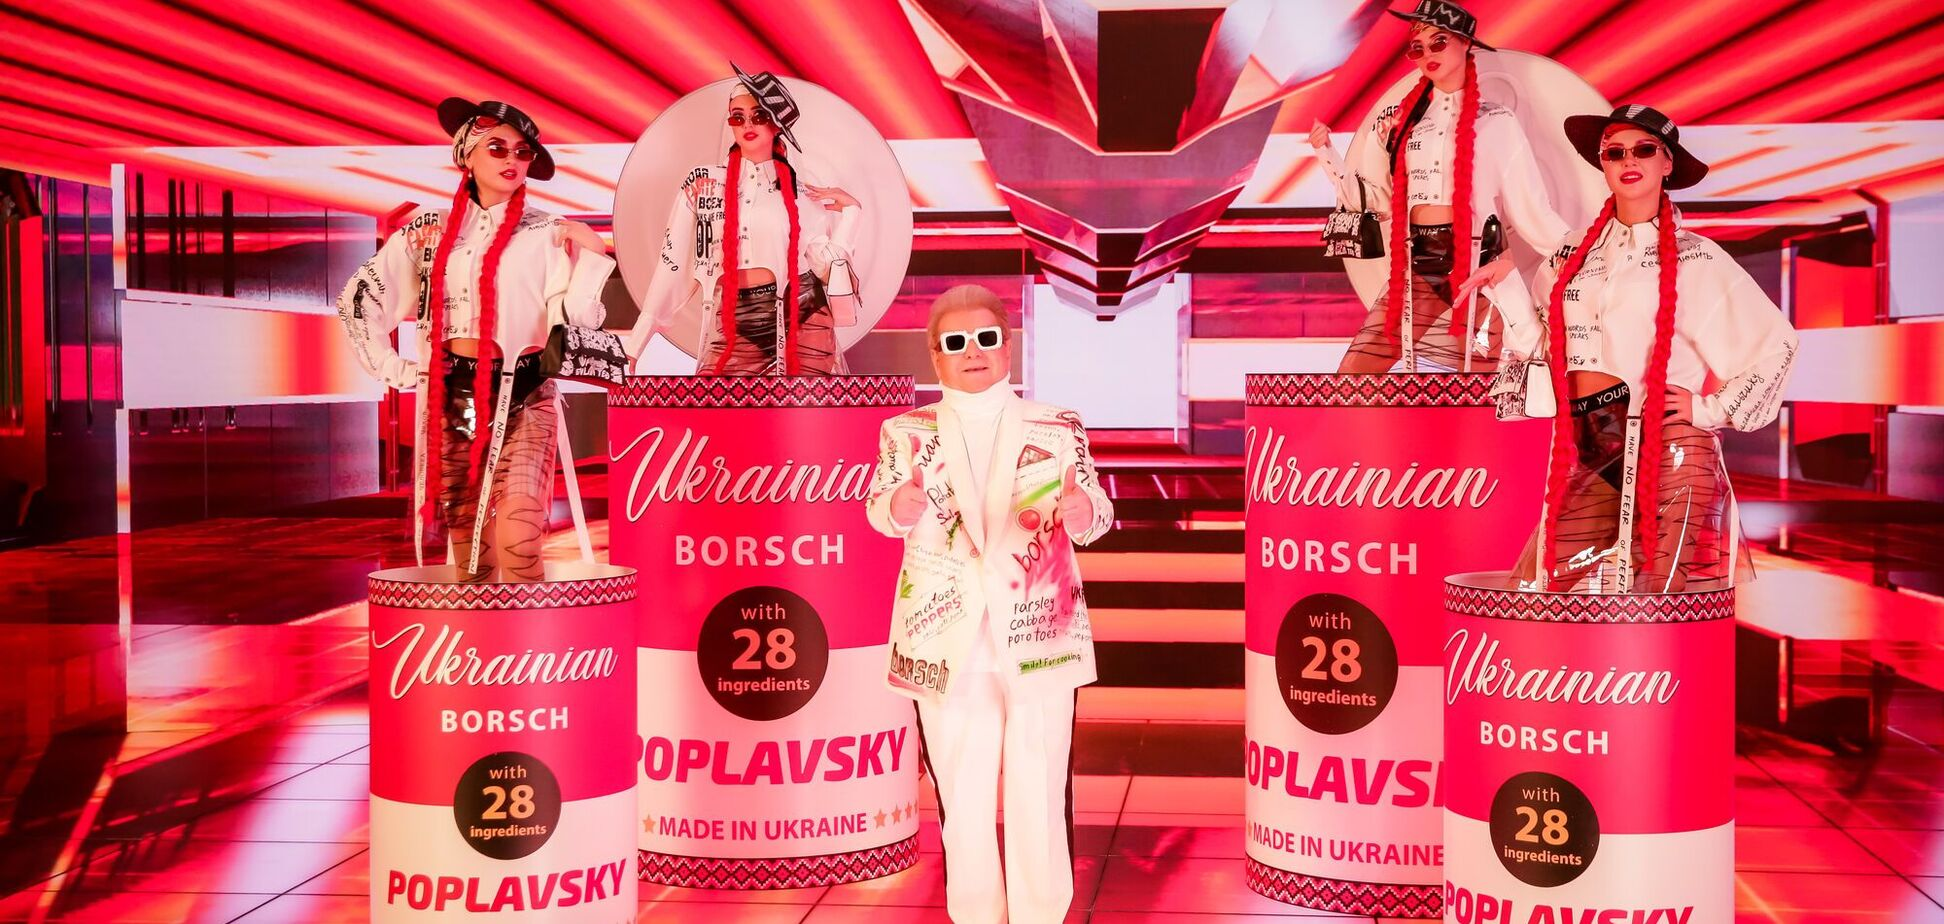 Поплавський представив кліп на пісню 'Український борщ' і зачитав реп